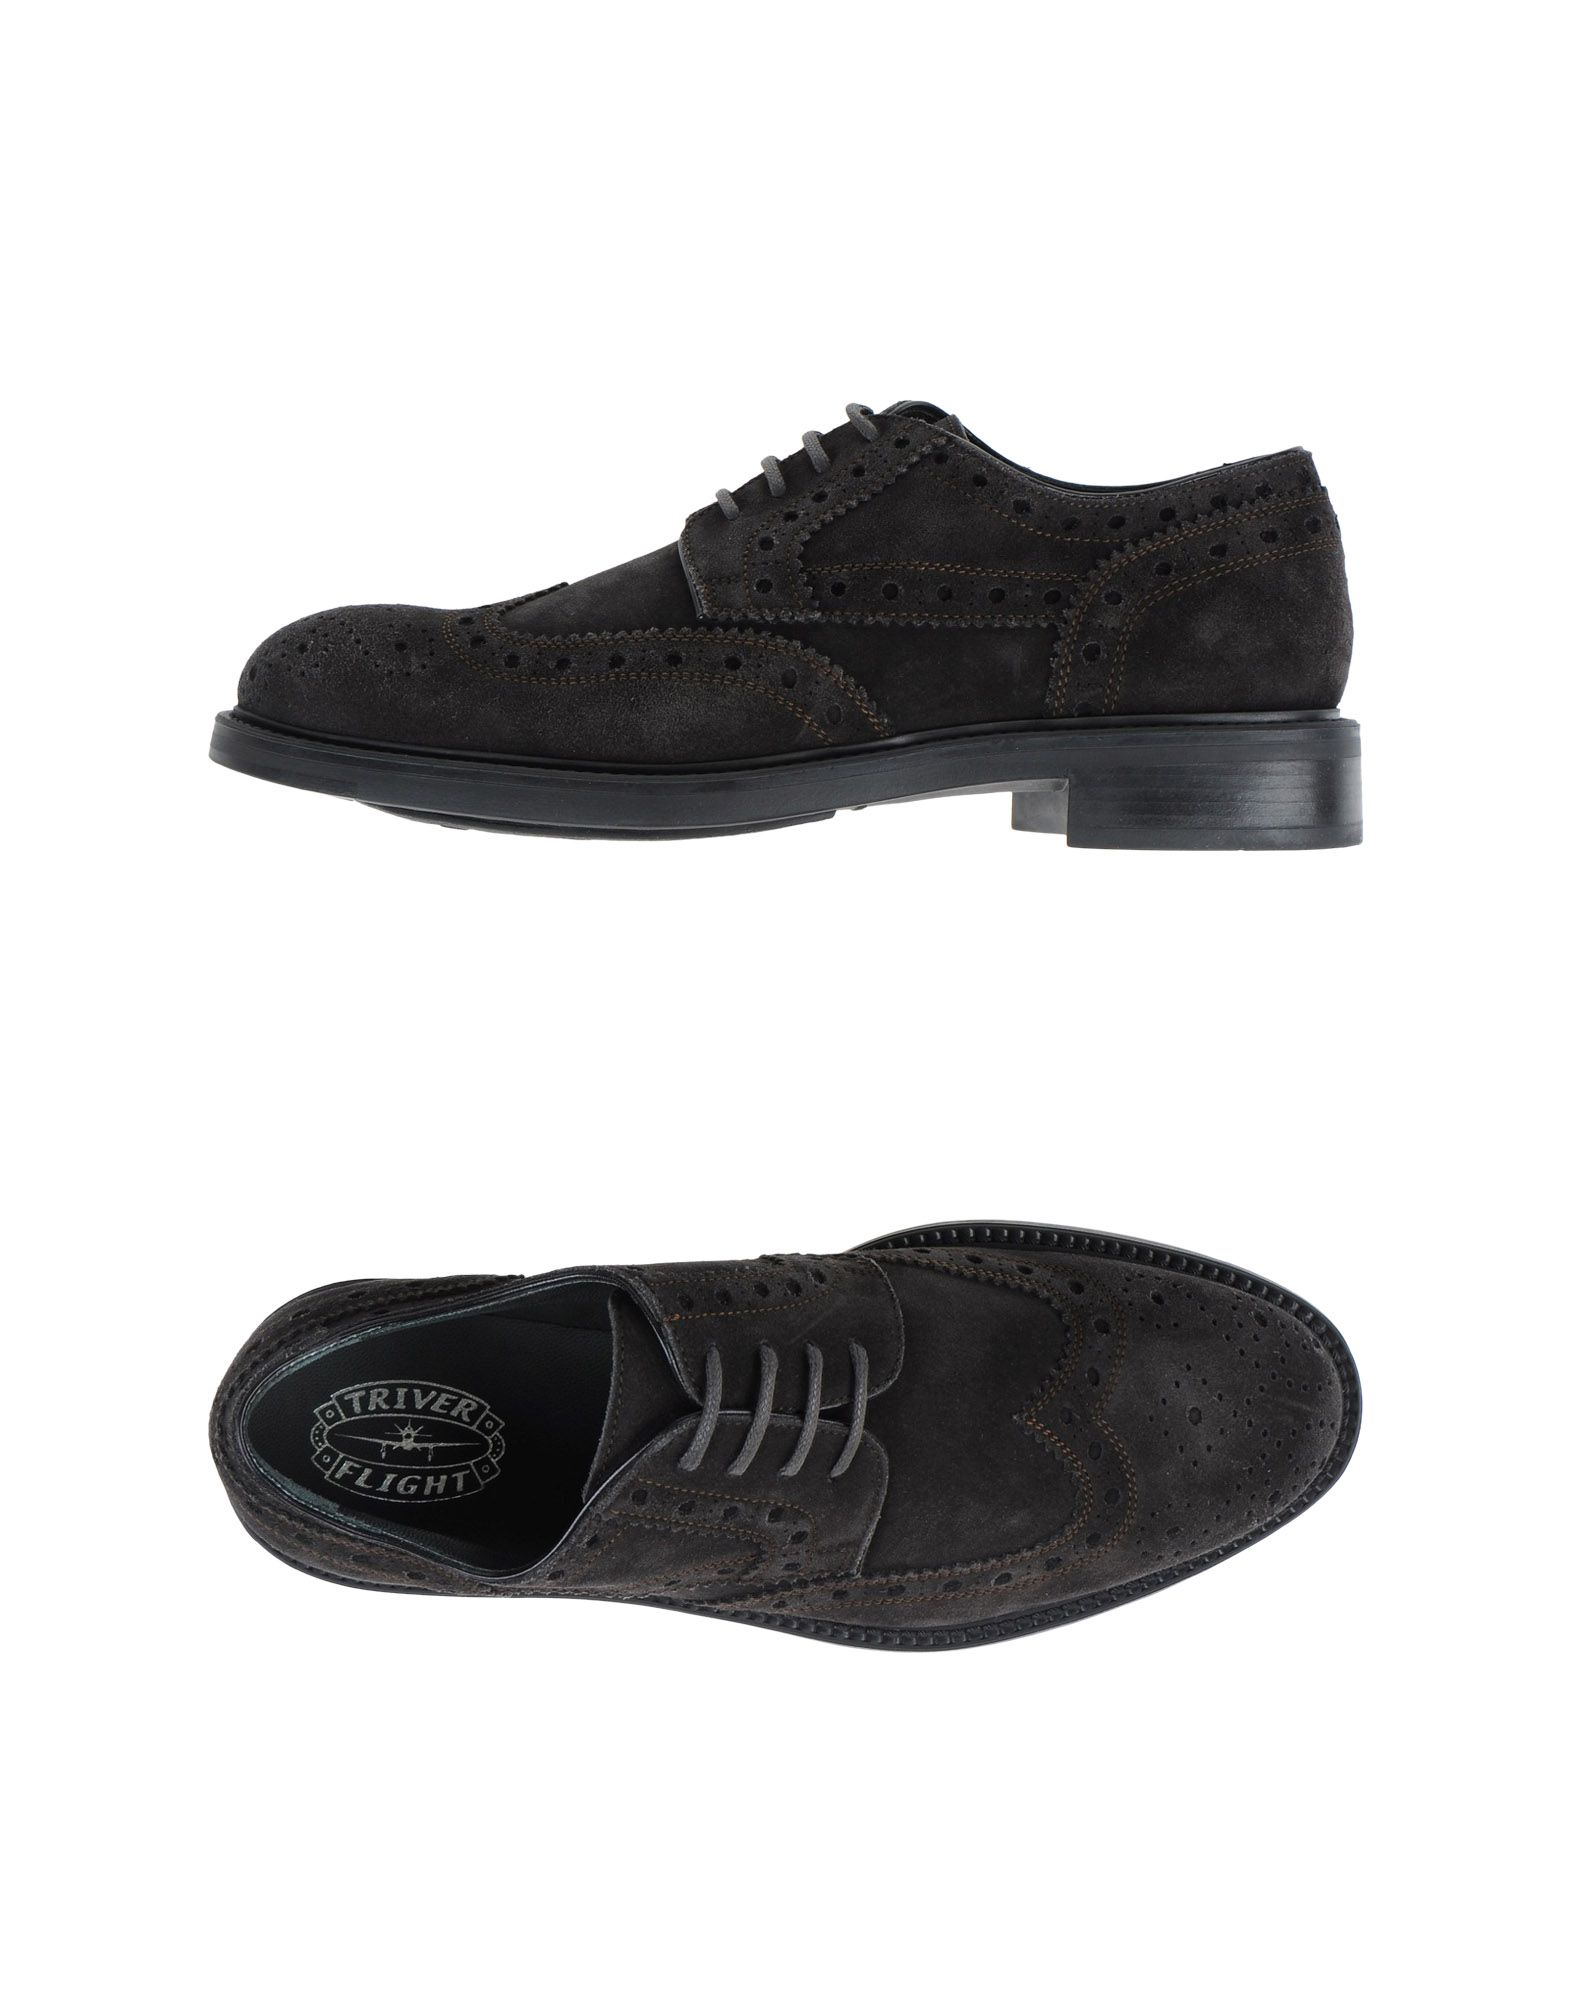 Фото - TRIVER FLIGHT Обувь на шнурках обувь на высокой платформе dkny